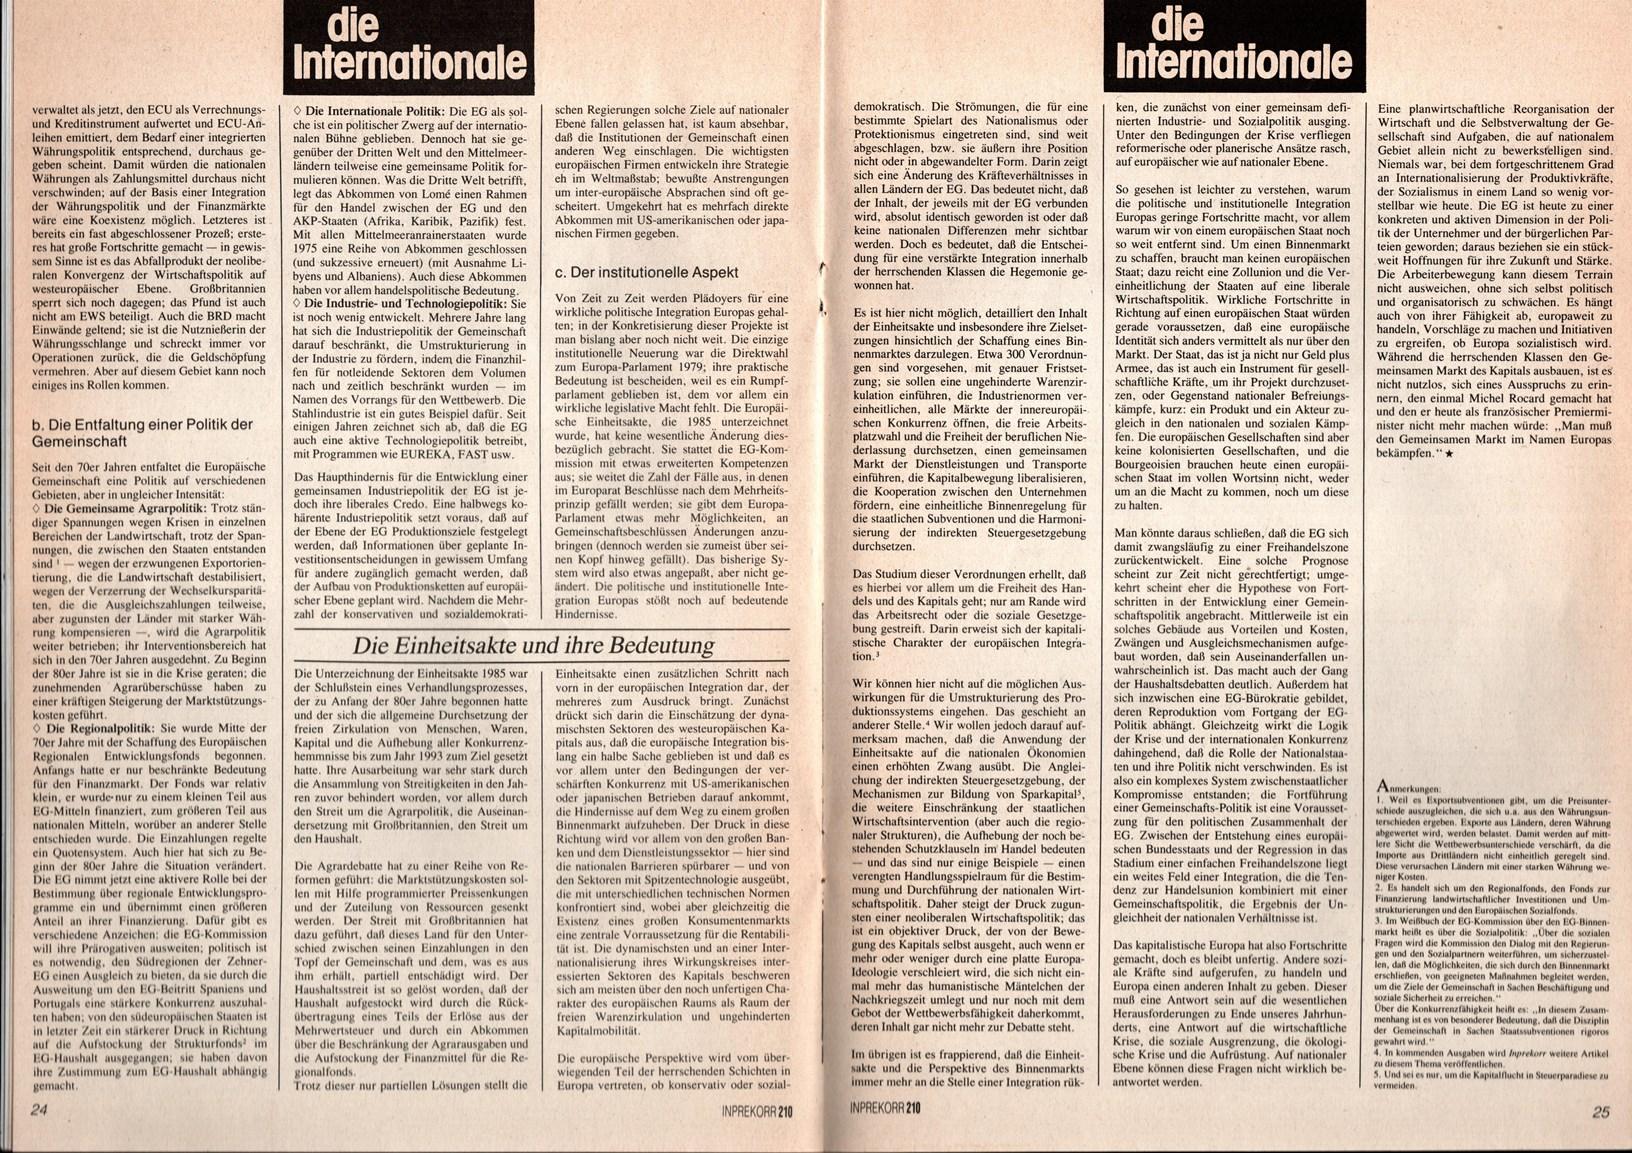 Inprekorr_19881200_210_013